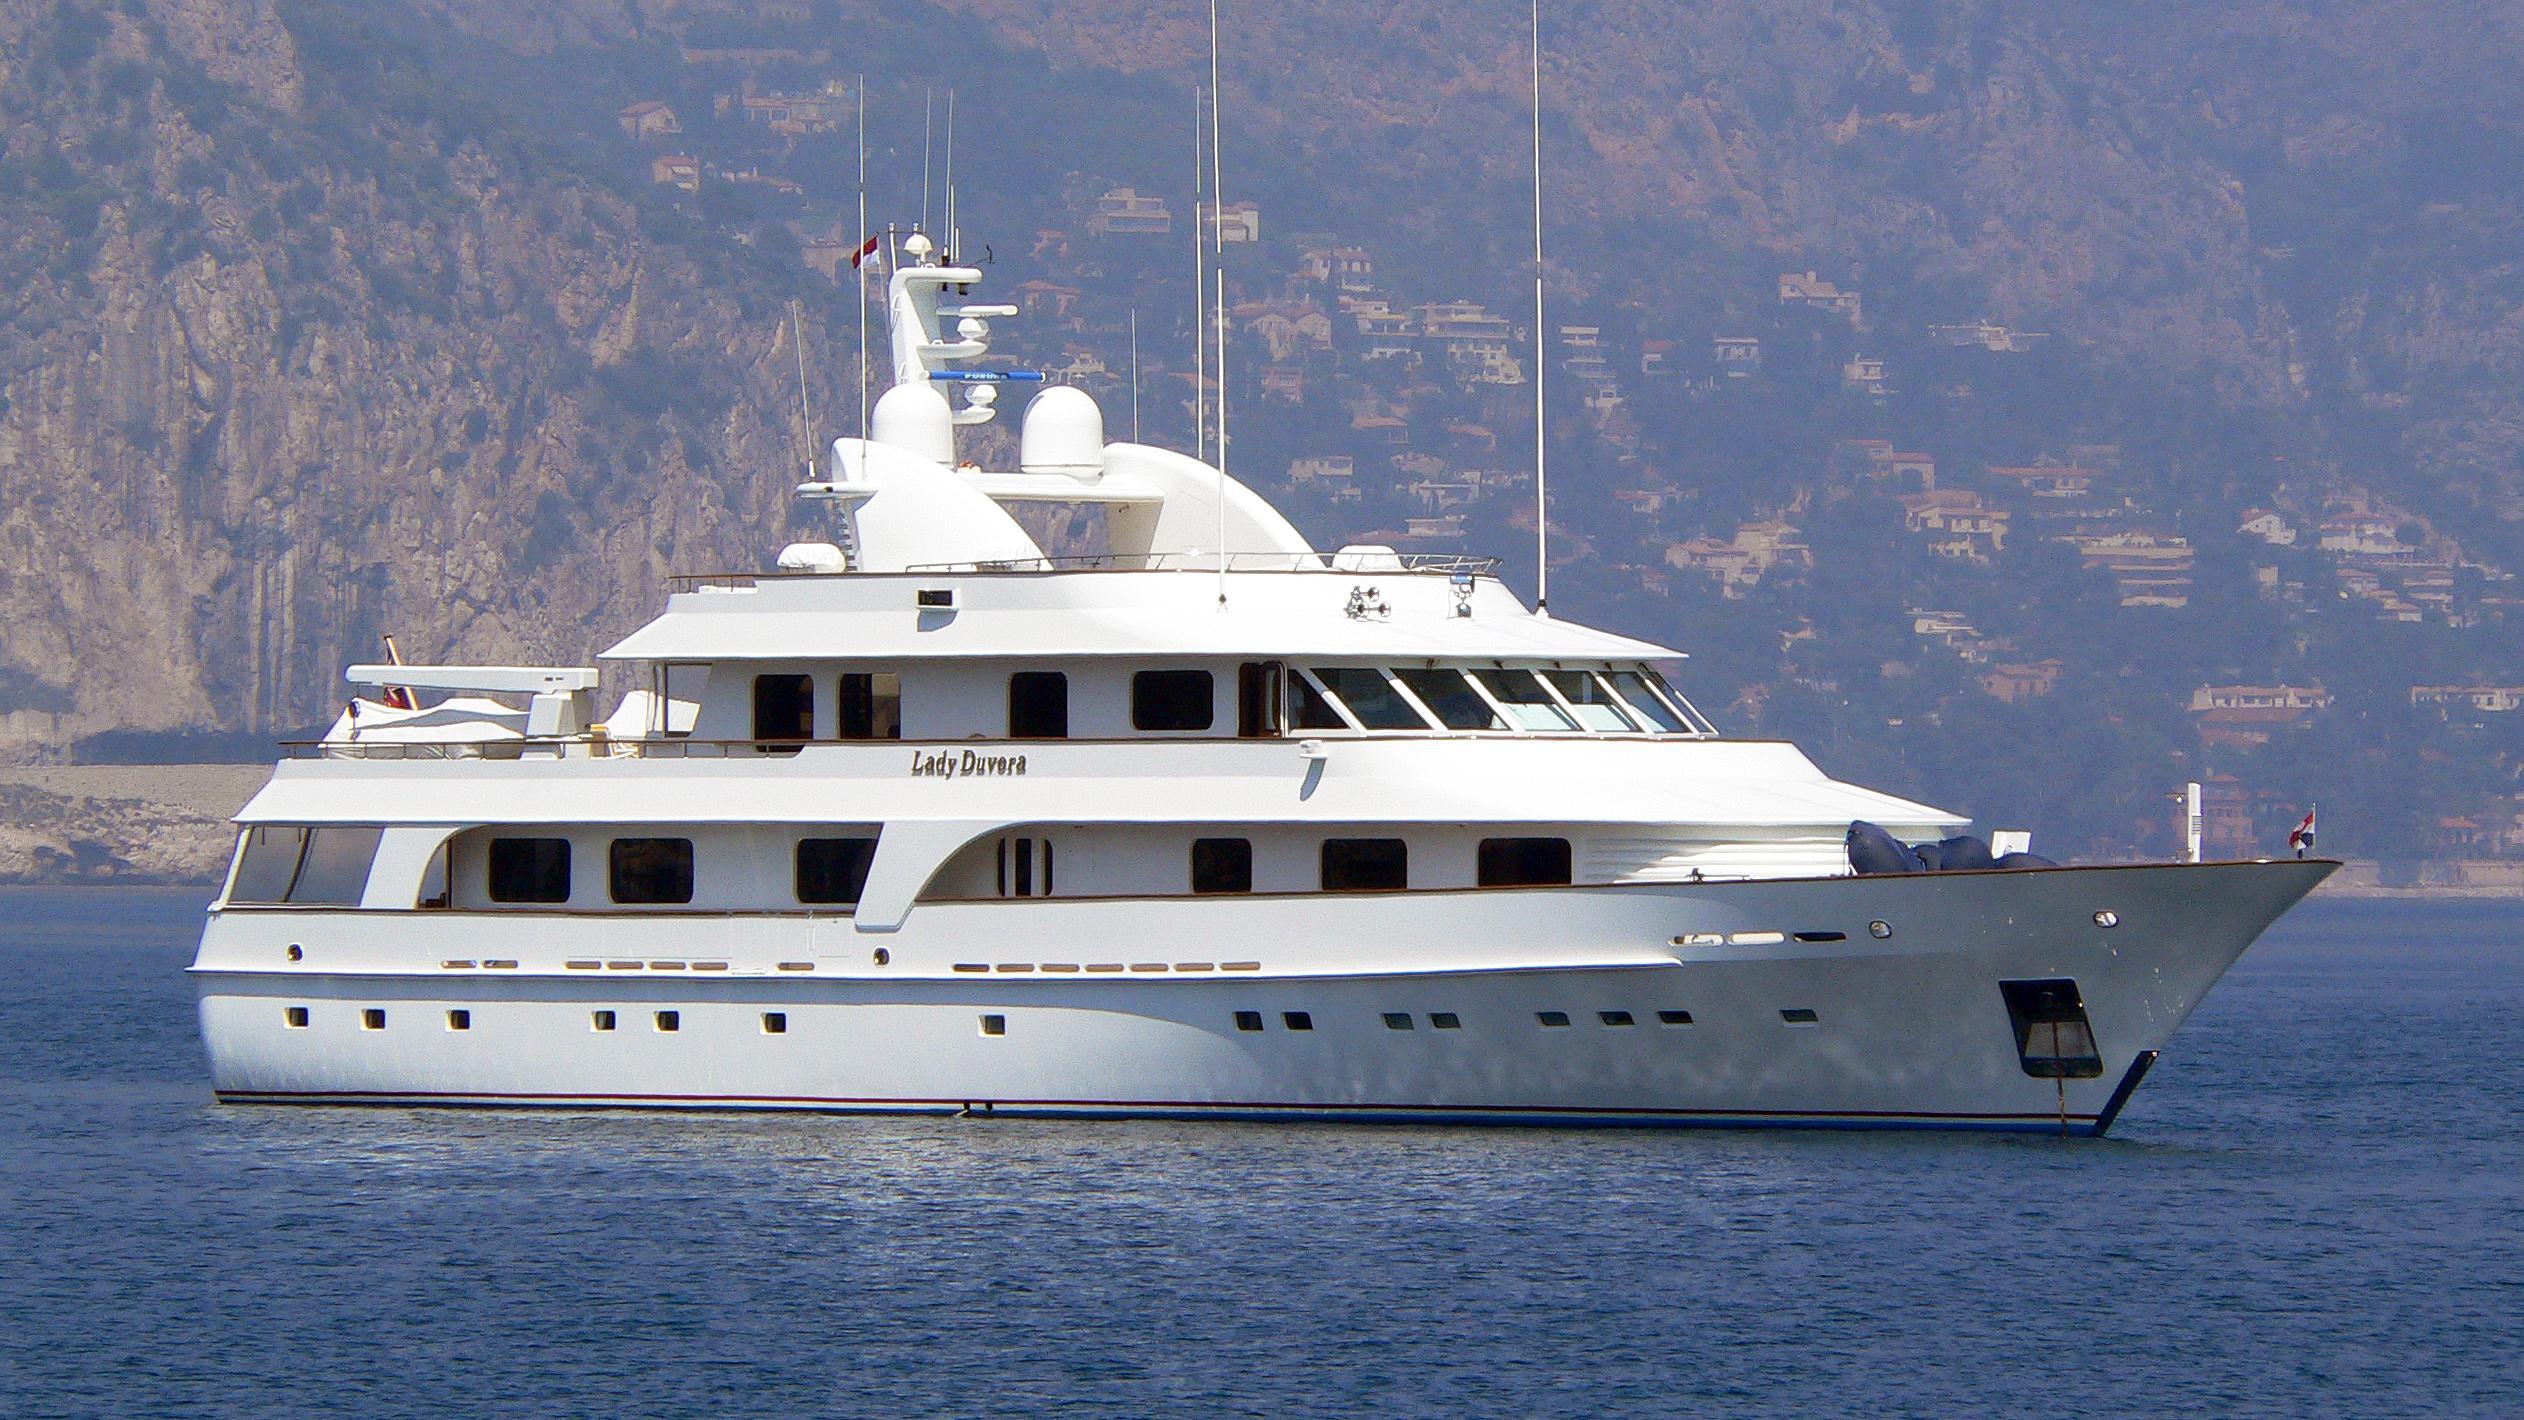 lady-duvera-motor-yacht-hakvoort-200-44m-profile